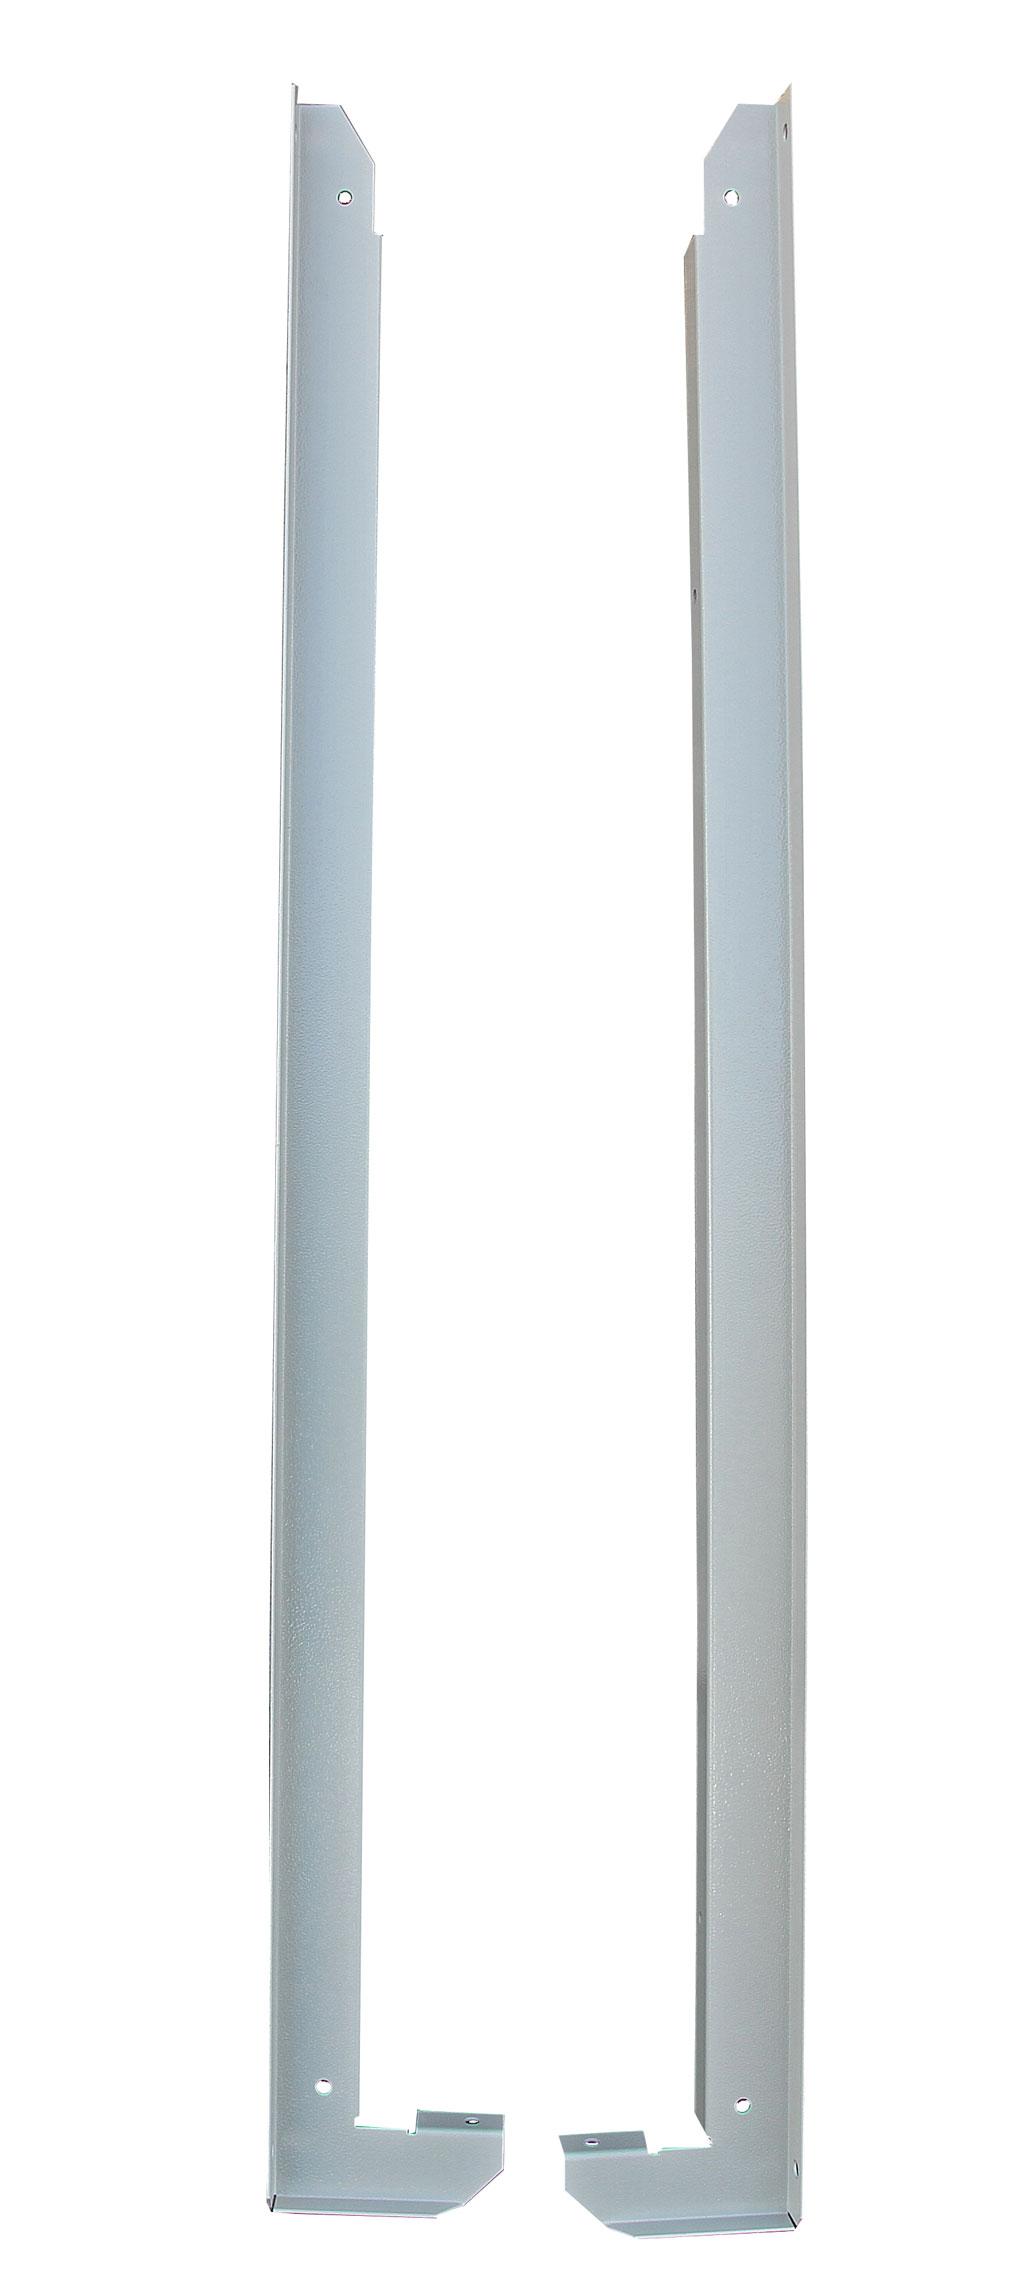 Komplett-Vaggfaste-till-dubbelvaggiga-aluminiumsskap-1000mm-hog